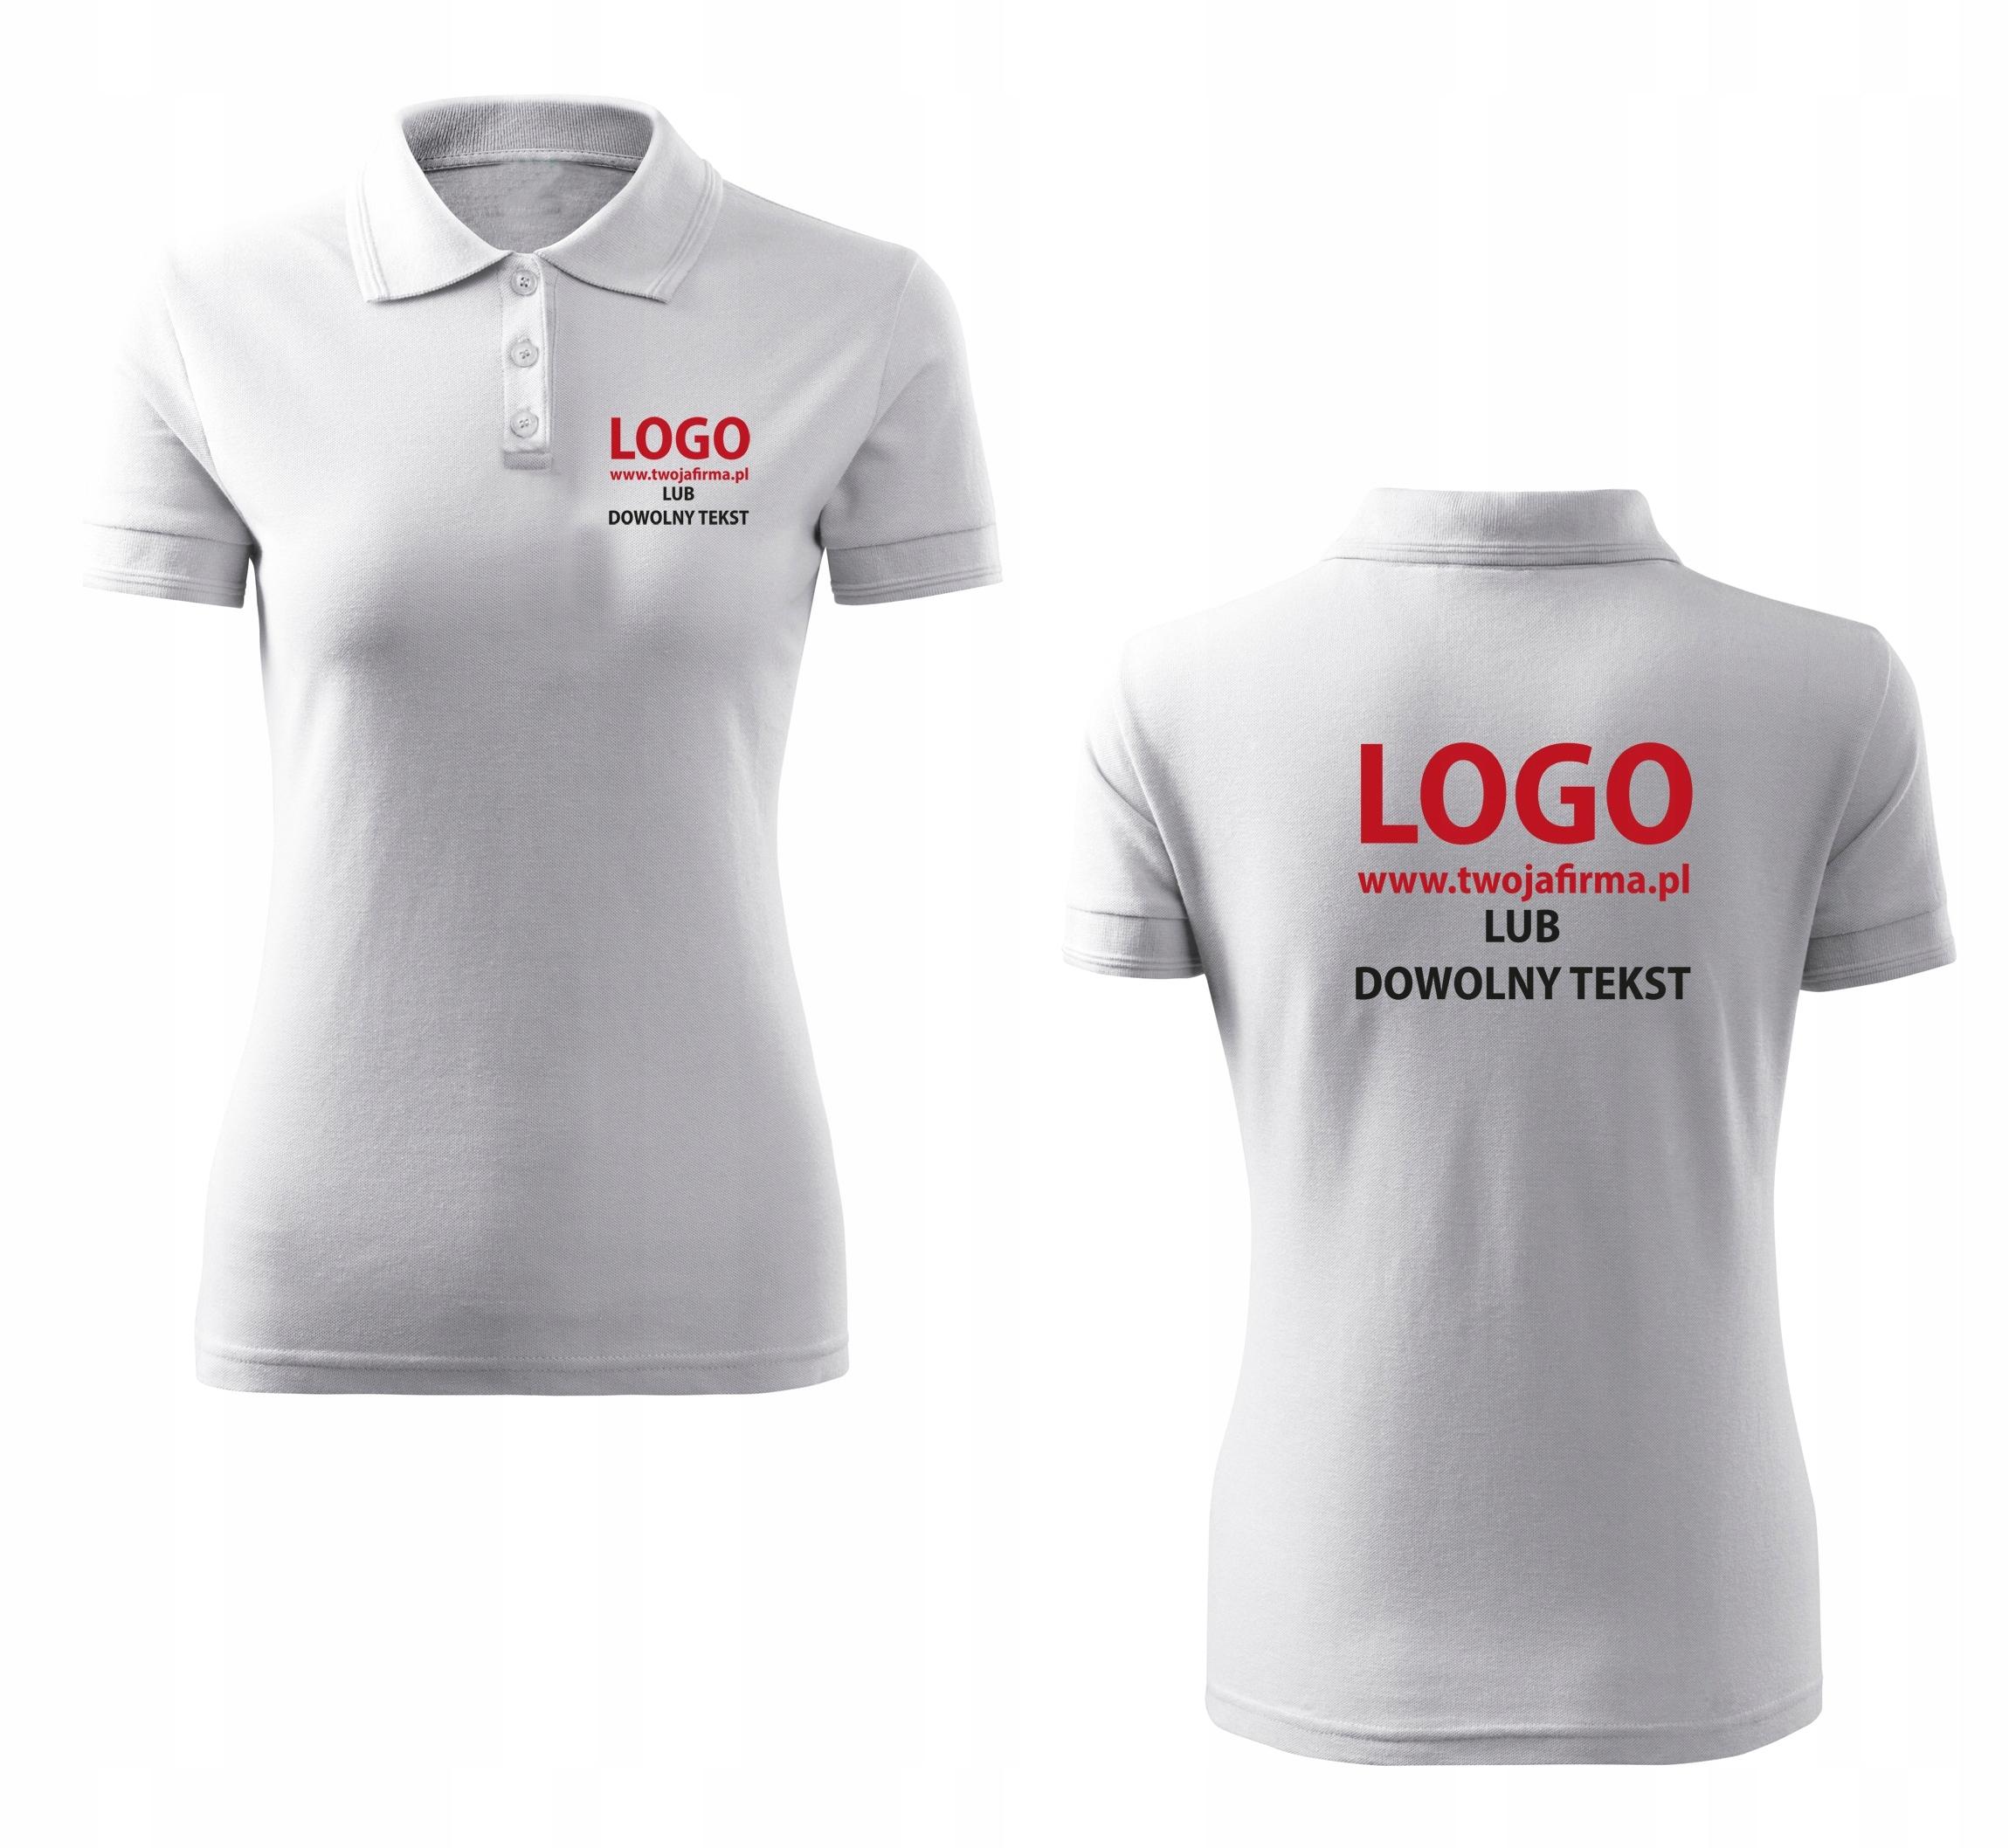 490797d8f8077 Damskie koszulki POLO z własnym nadrukiem logo - 7446506921 ...